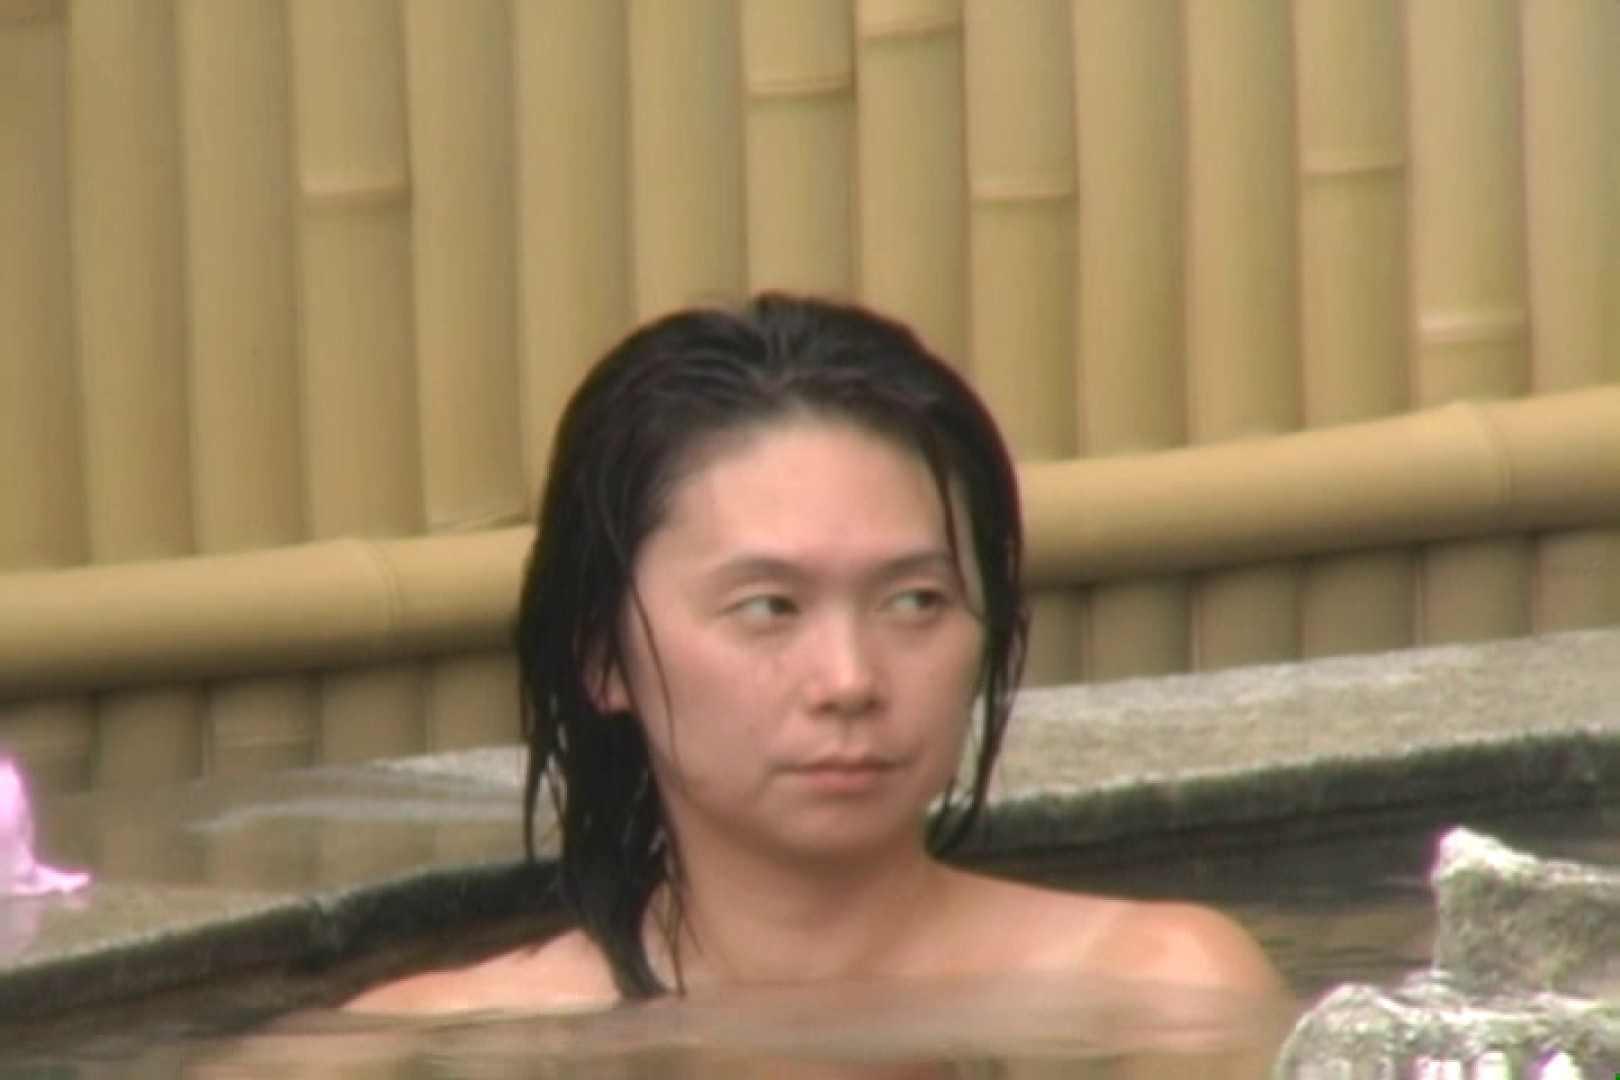 Aquaな露天風呂Vol.619 盗撮シリーズ  75PIX 2